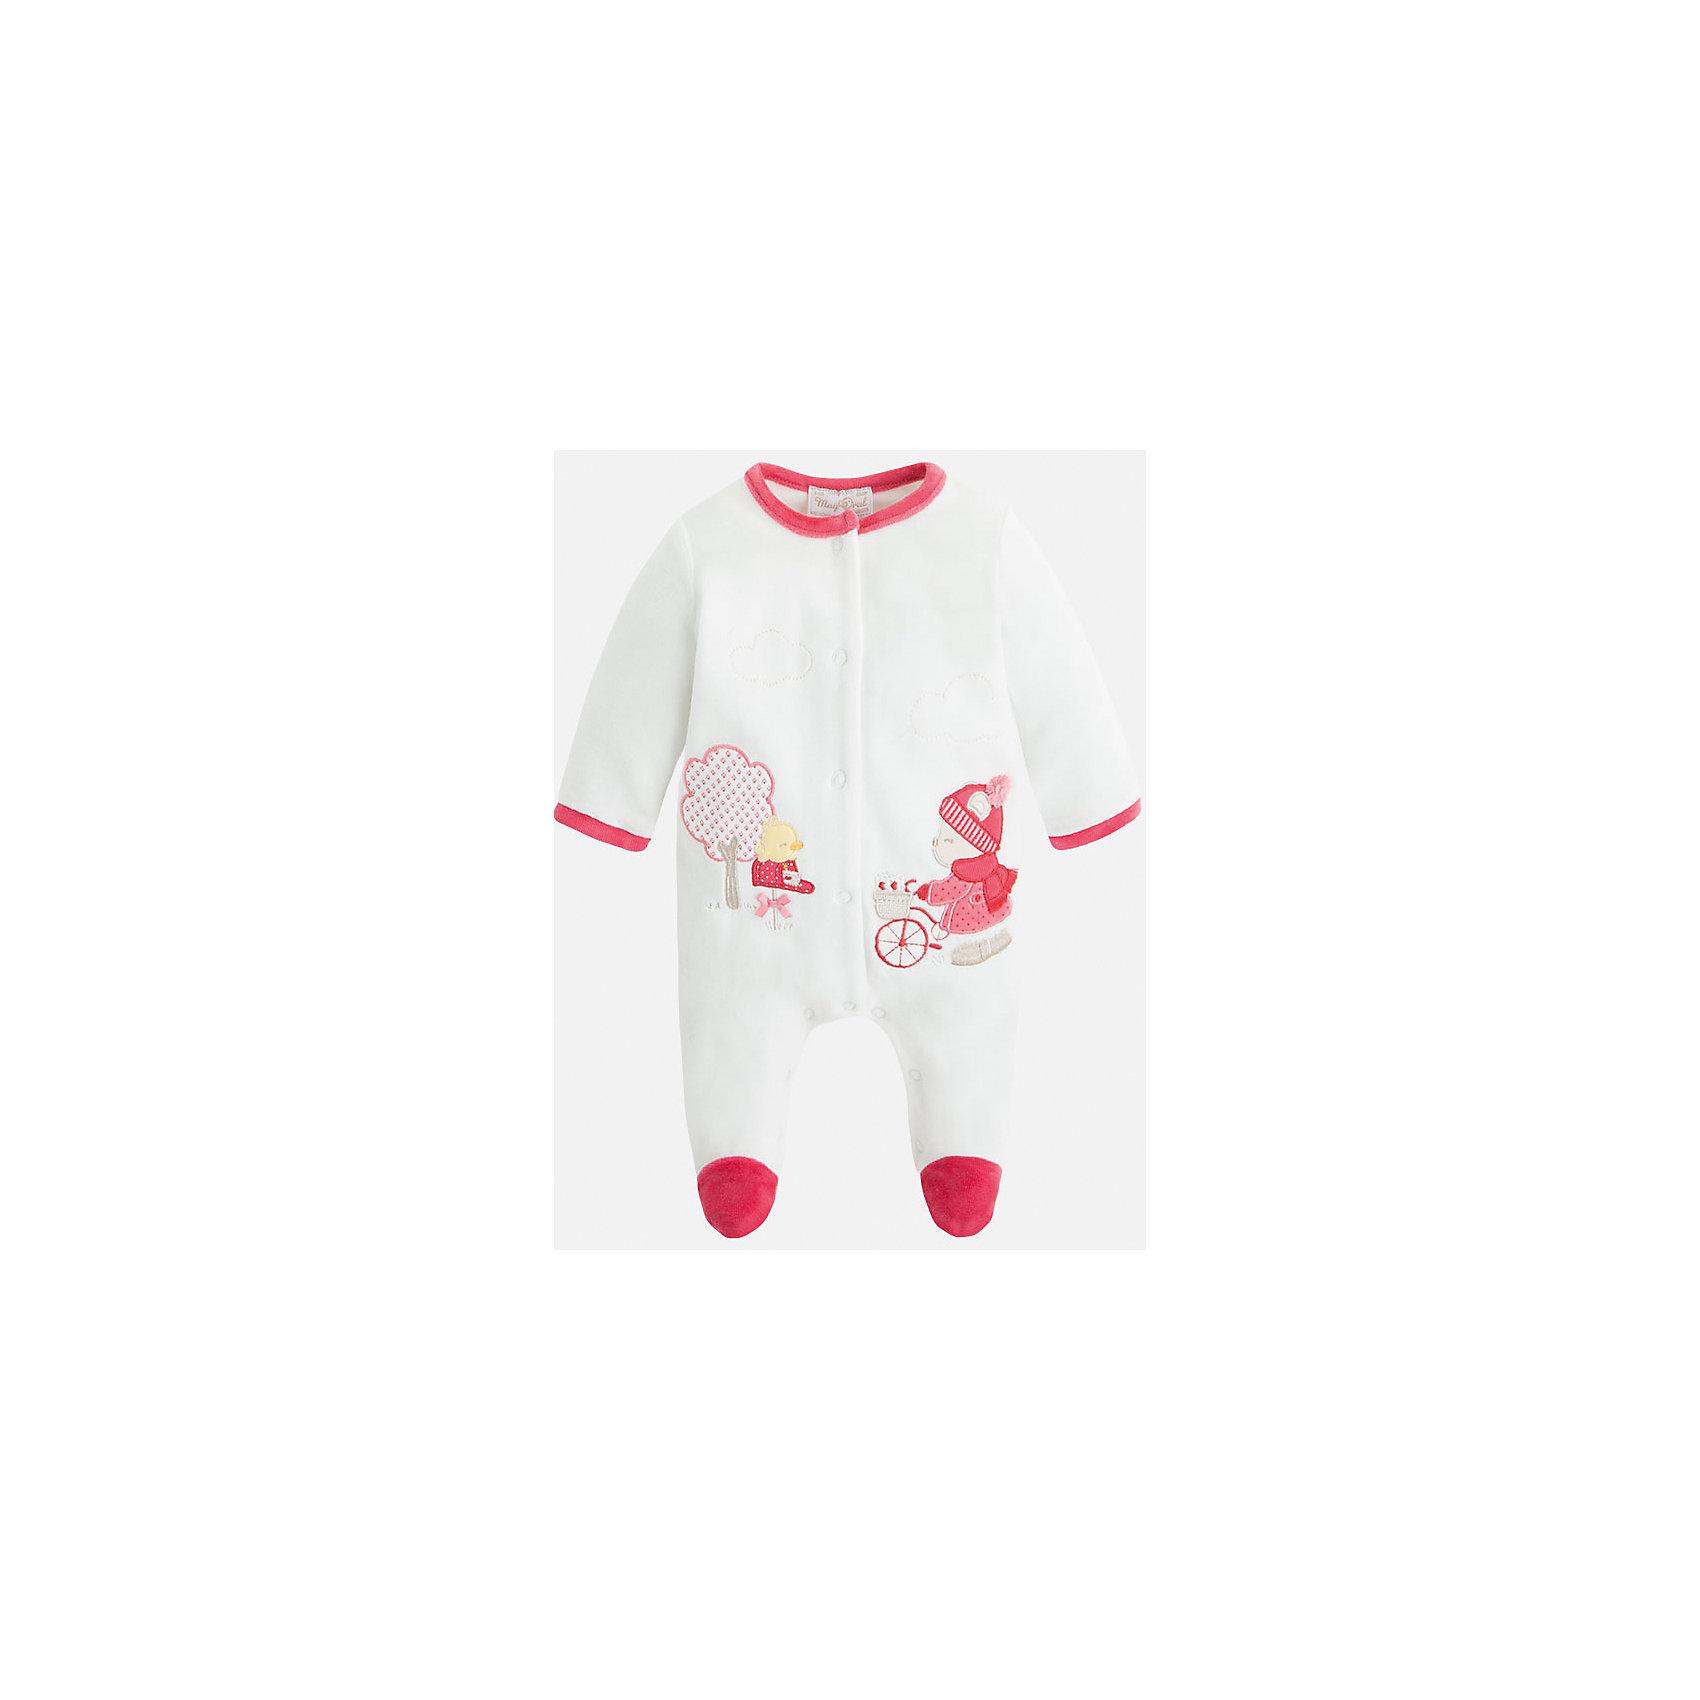 Пижама для девочки MayoralПижамы для малышей<br>Комбинезон-пижама торговой марки    Майорал -Mayoral  для малышки до года. Закрытые ножки, открытые  рукава, симпатичный принт Мишки спереди. Застежка на кнопки.<br><br>Дополнительная информация: <br><br>- цвет:  розовый<br>- состав: хлопок 80%, полиэстер 20%<br>- длина рукава: длинные<br>- фактура материала: текстильный<br>- вид застежки: кнопки<br>- уход за вещами: бережная стирка при 30 градусах<br>- рисунок: без  рисунка<br>- назначение: повседневная<br>- сезон: круглогодичный<br>- пол: девочки<br>- страна бренда: Испания<br>- комплектация: пижама<br><br>Пижаму для девочки торговой марки    Майорал  можно купить в нашем интернет-магазине.<br><br>Ширина мм: 281<br>Глубина мм: 70<br>Высота мм: 188<br>Вес г: 295<br>Цвет: красный<br>Возраст от месяцев: 24<br>Возраст до месяцев: 36<br>Пол: Женский<br>Возраст: Детский<br>Размер: 50,56,68,62<br>SKU: 4846134